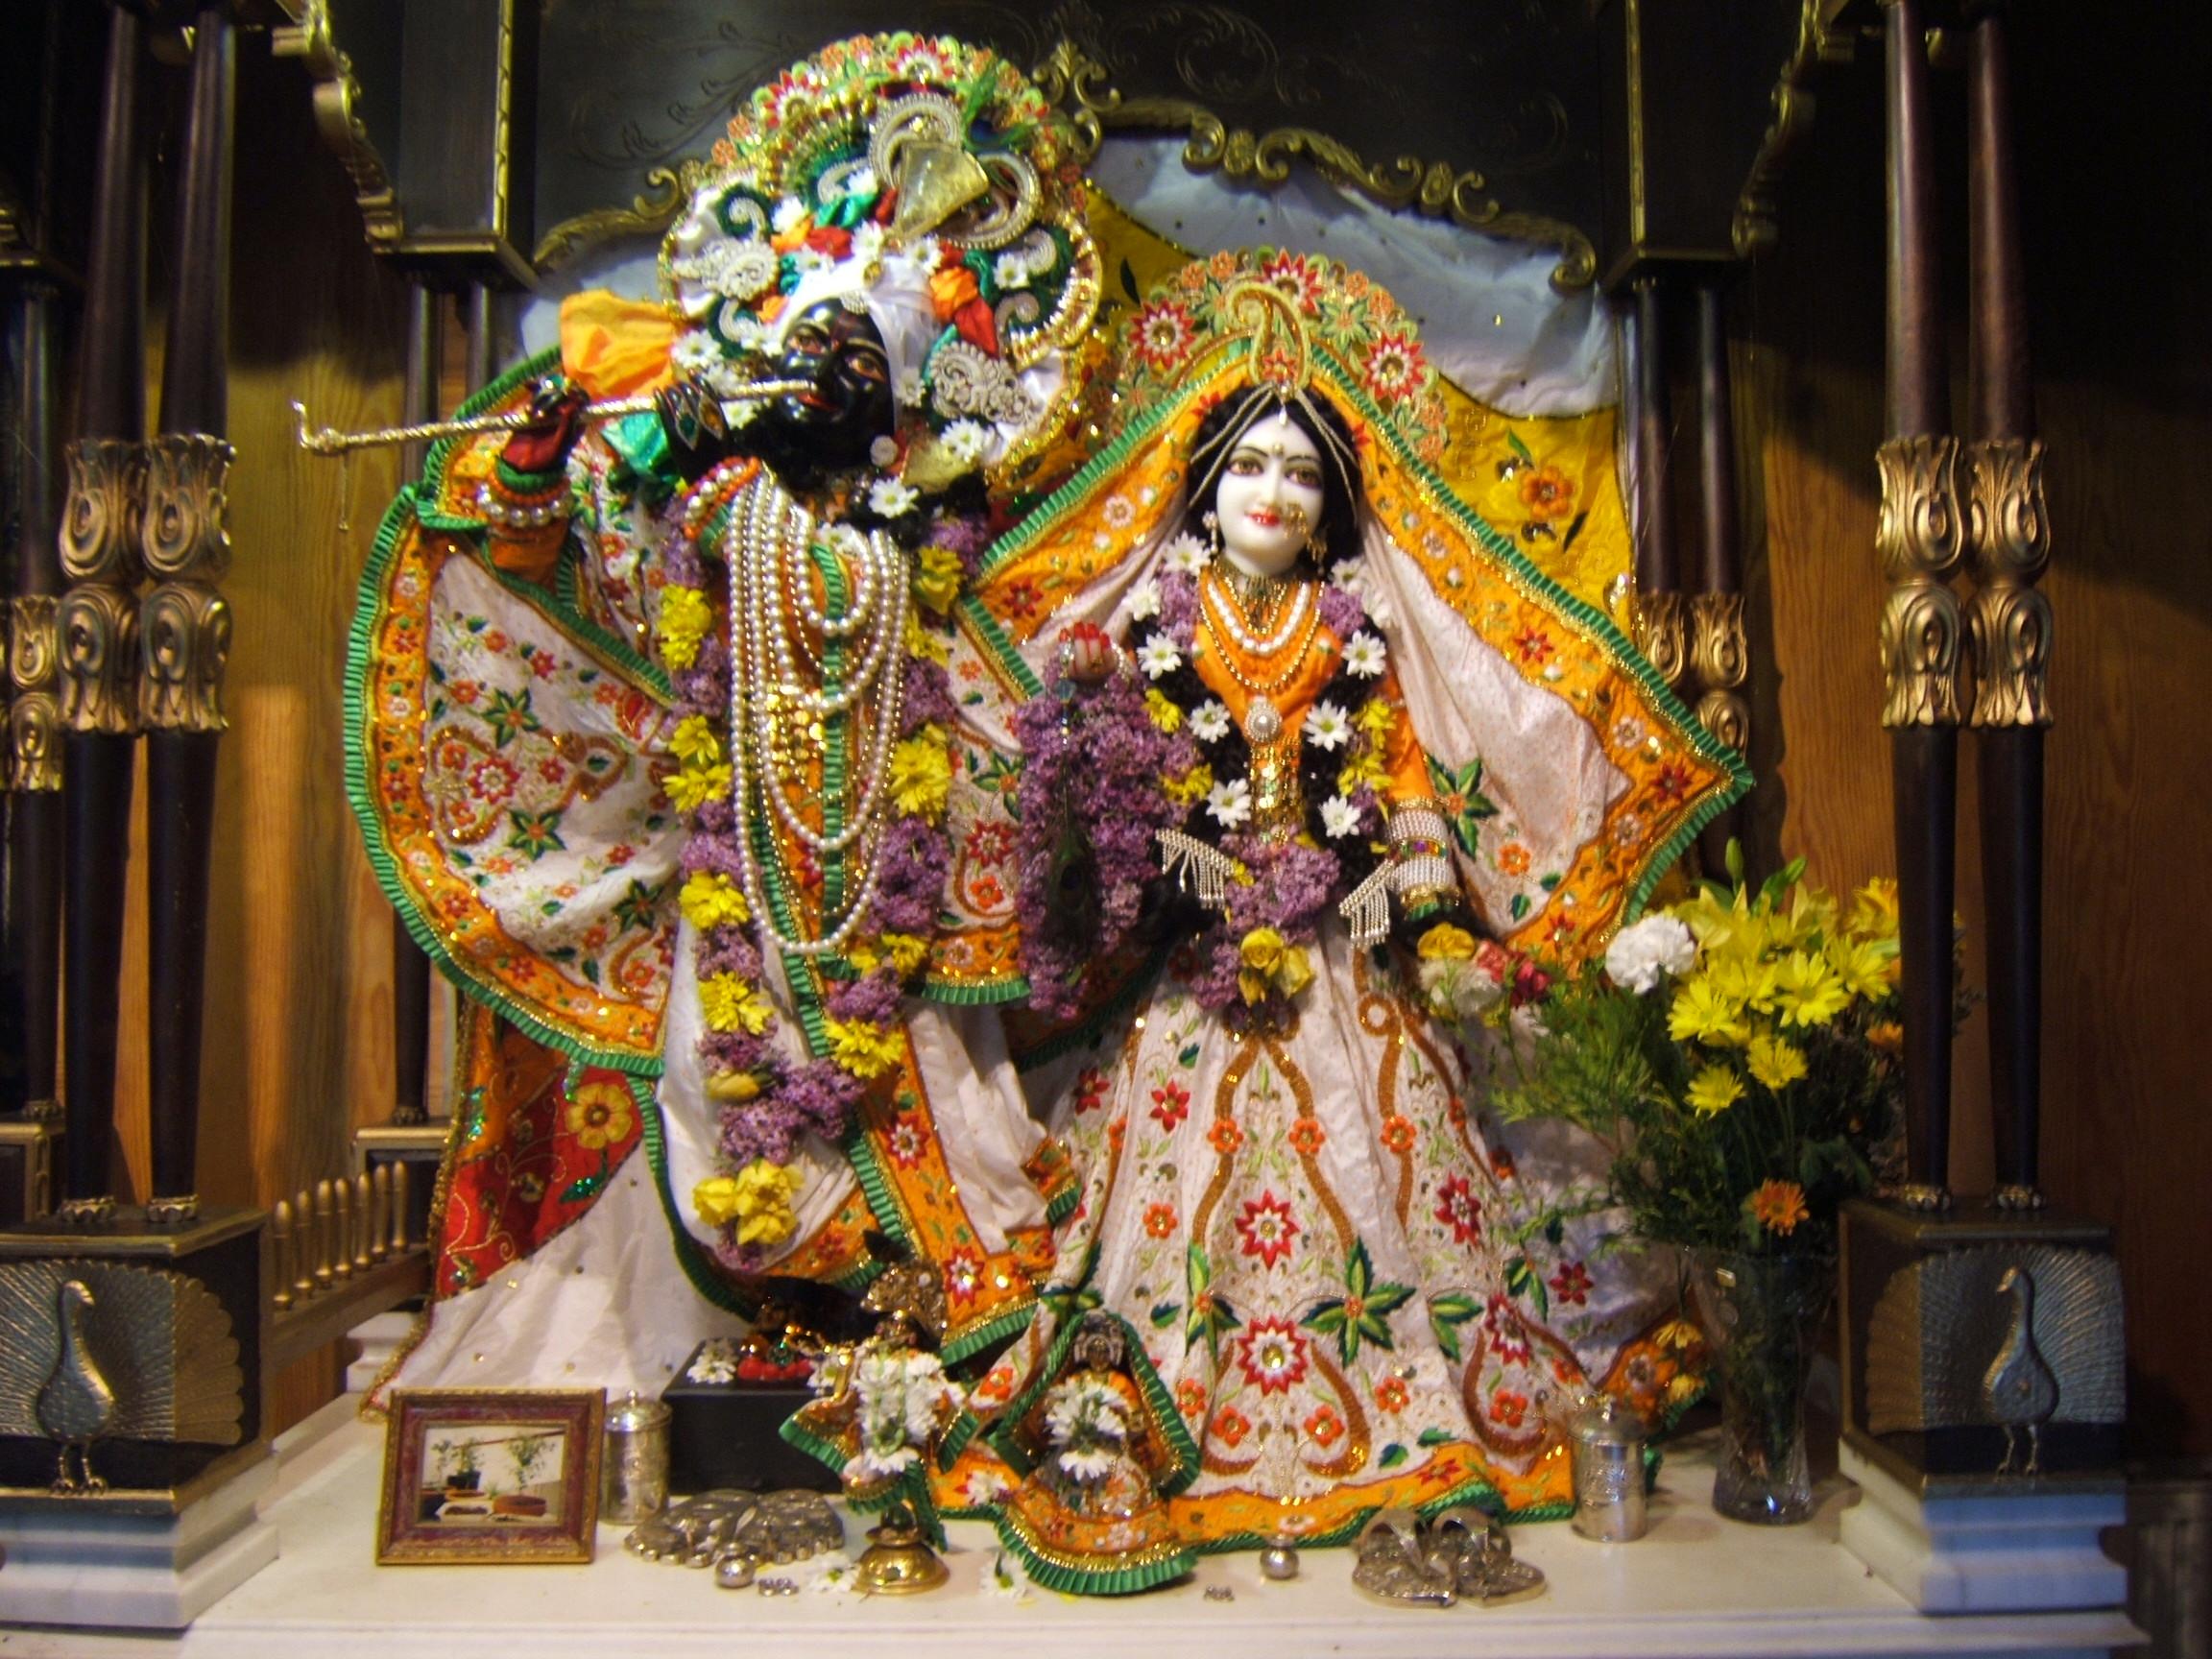 Radha krishna wallpapers full size - Radhe Krishna Wallpaper Full Size Radhe Krishna Wallpaper Full Size